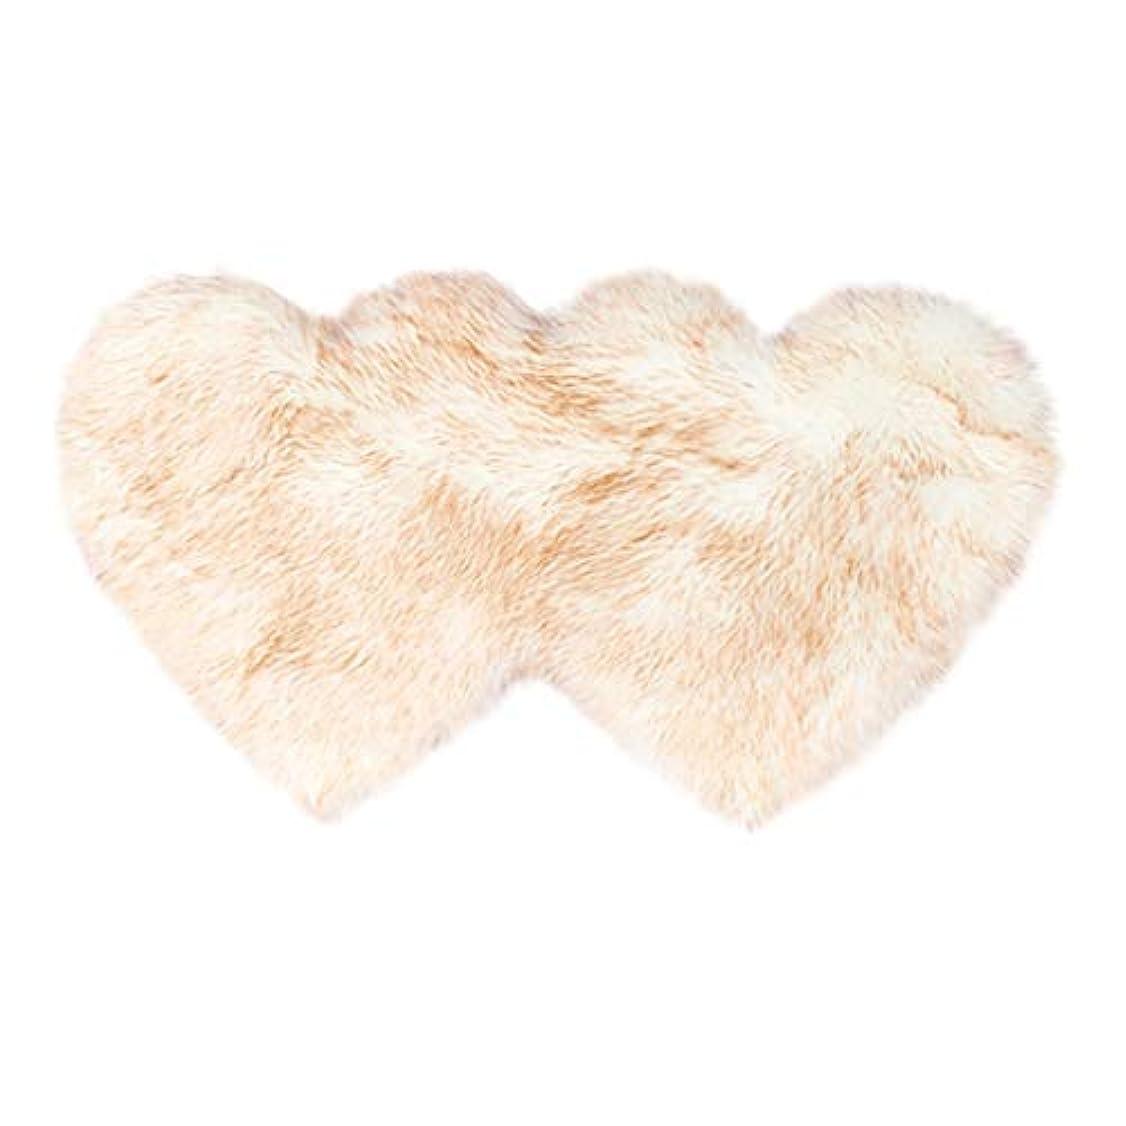 米ドル割り当てる使役愛の形の羊毛と羊の皮のじゅうたんと非滑り防止の寝室の毛茸のじゅうたんのマット